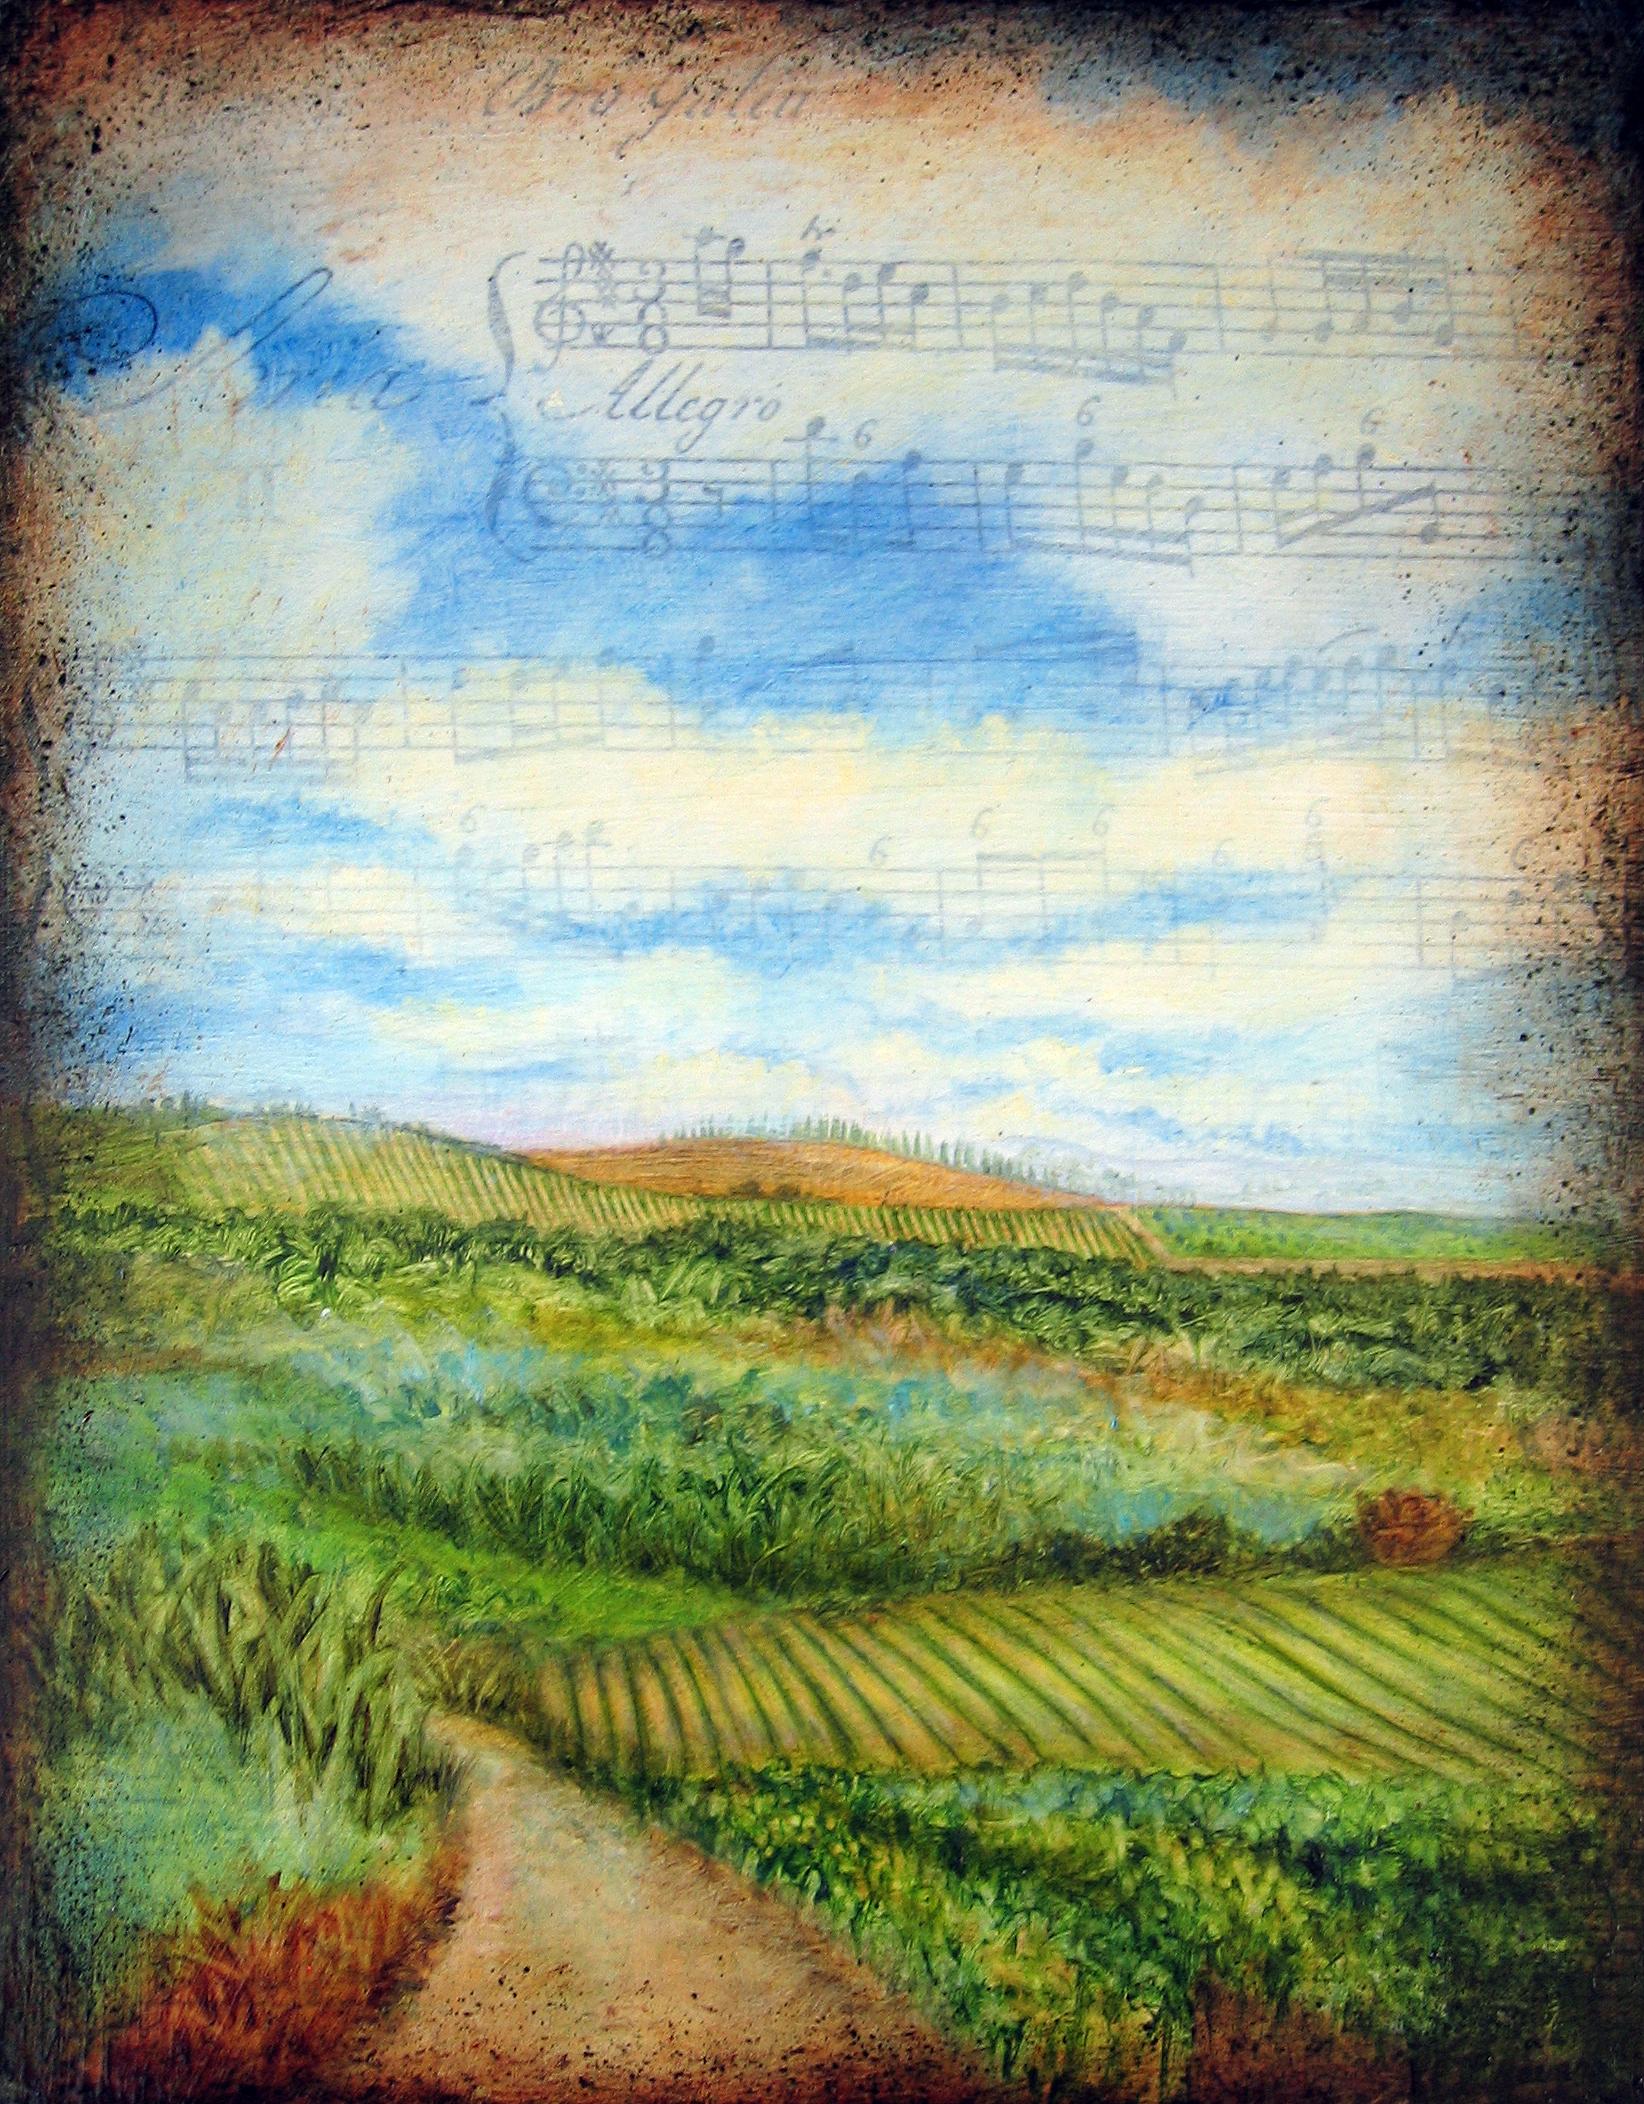 680-Fields of Umbria cu.jpg